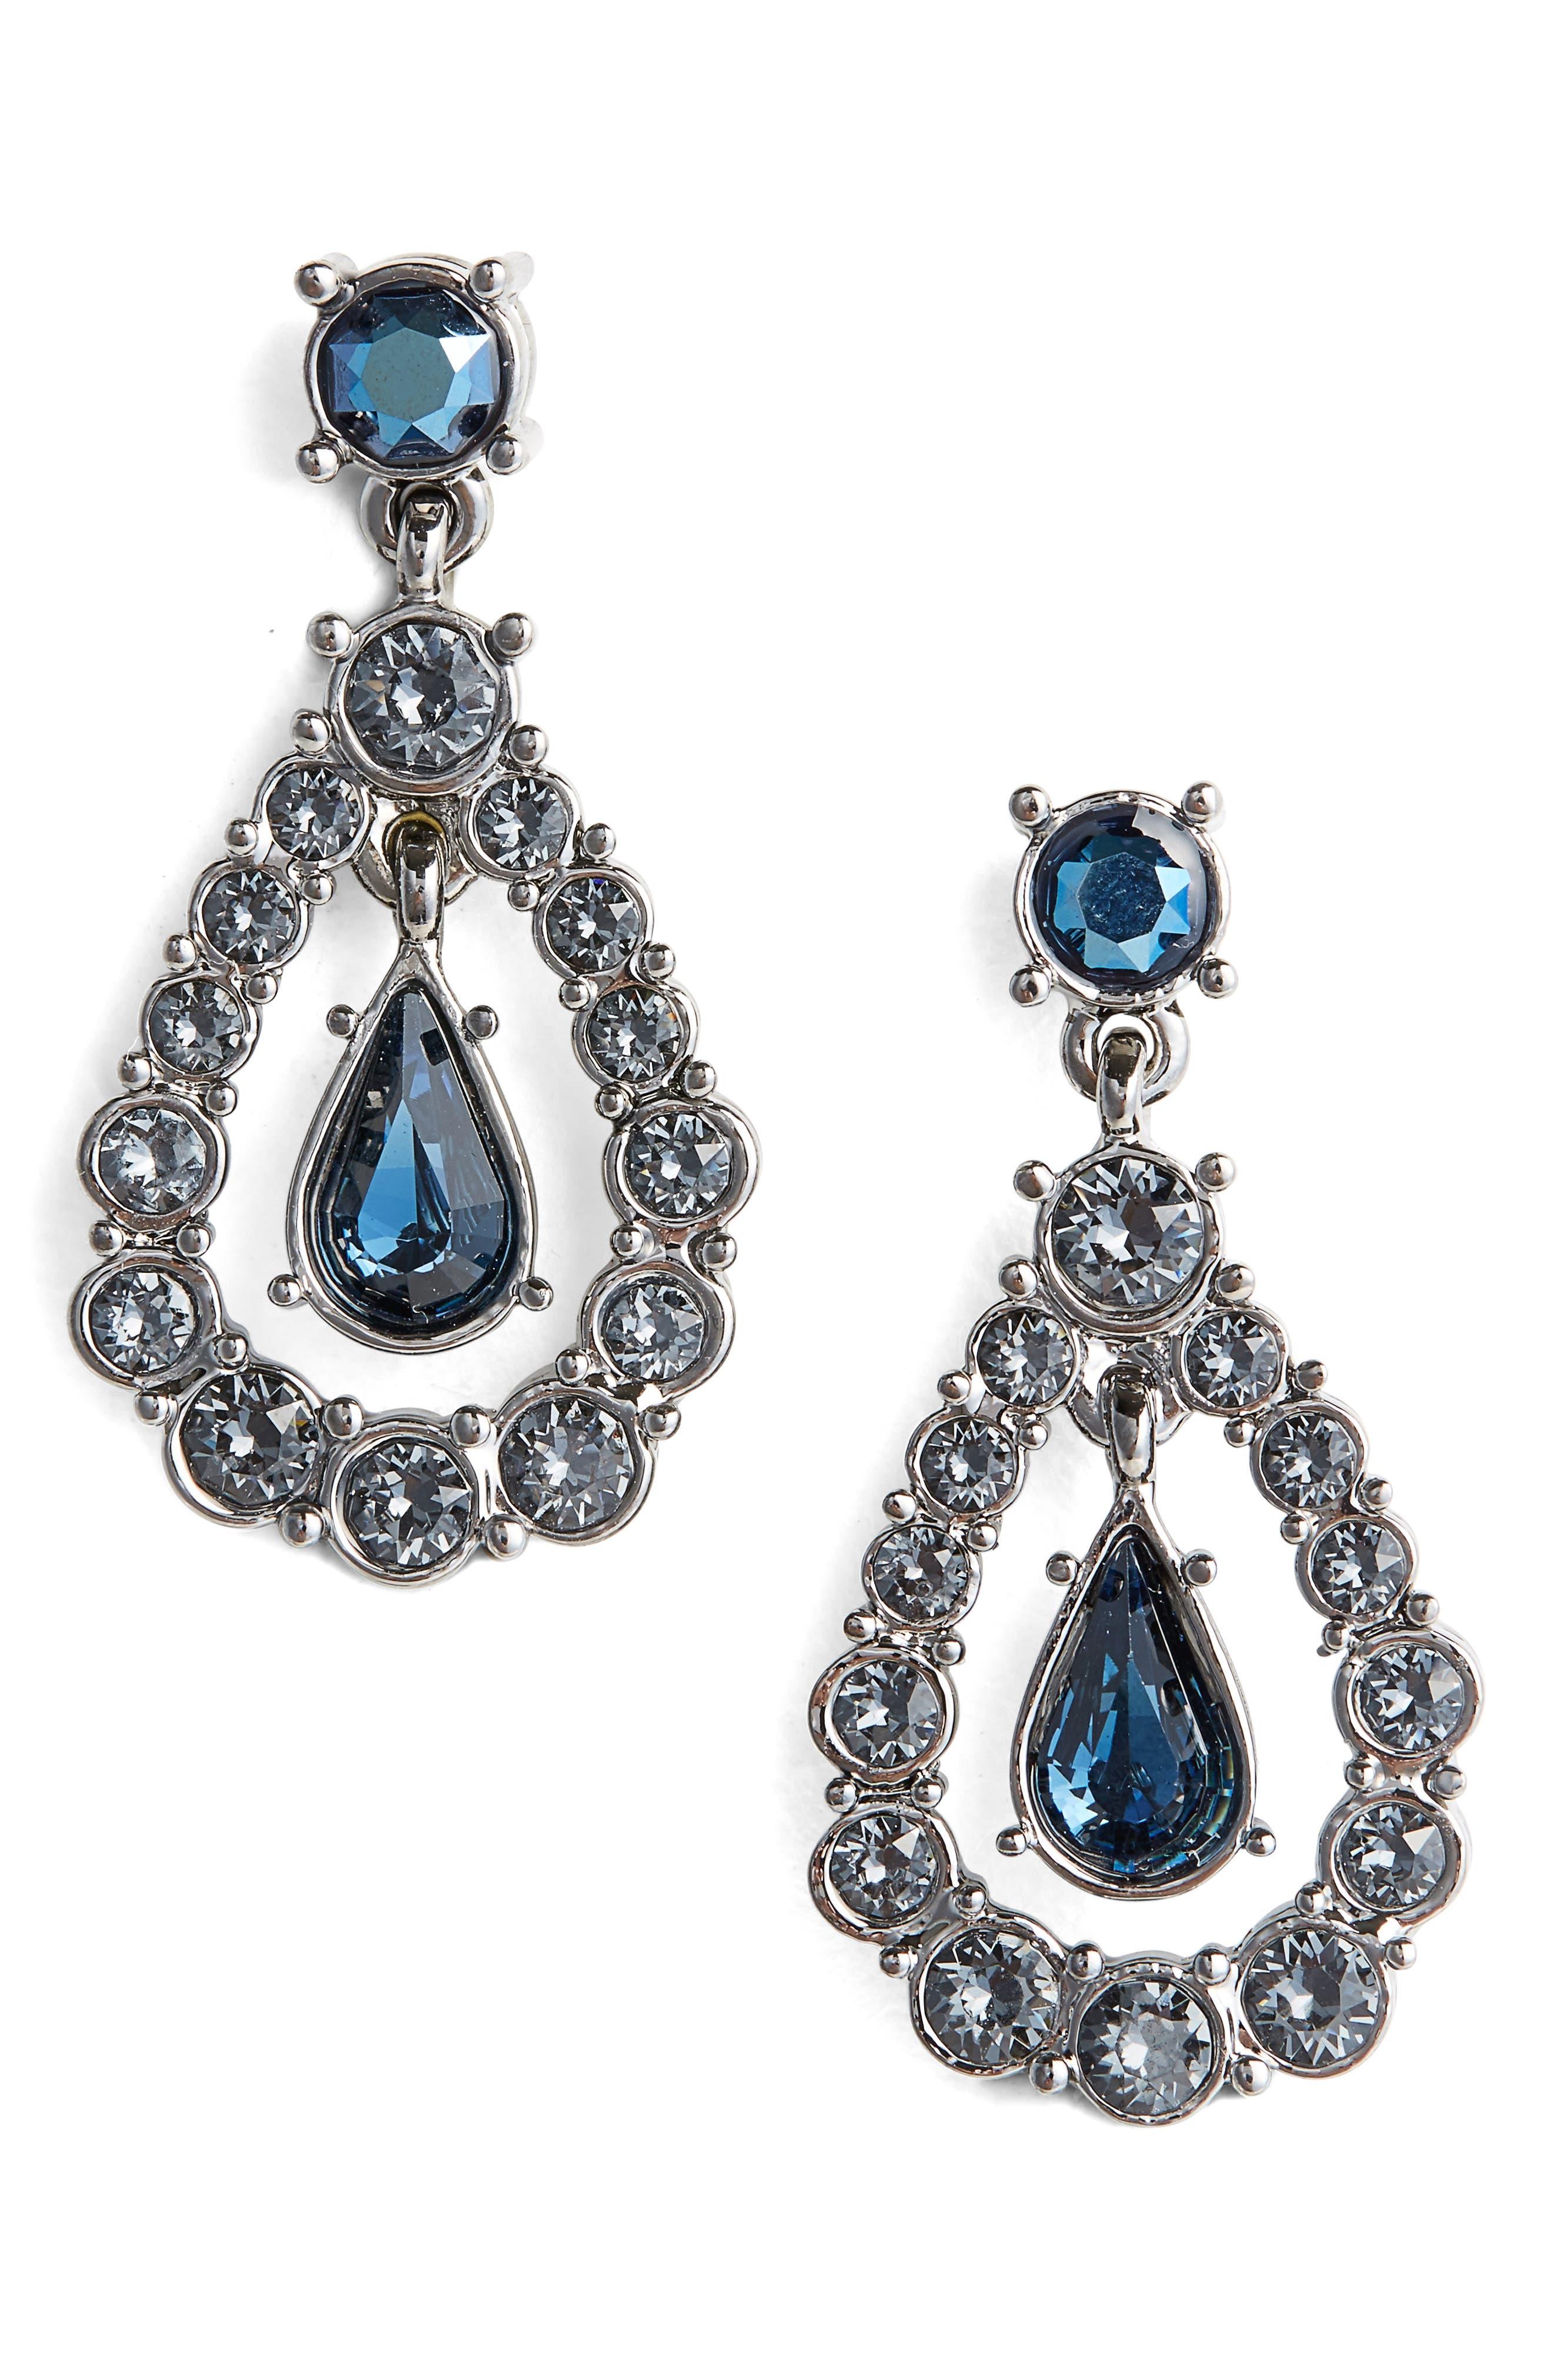 Swarovski Crystal Drop Earrings,                         Main,                         color, Drk Ruth/Csn/Mont/Crys Met Blu